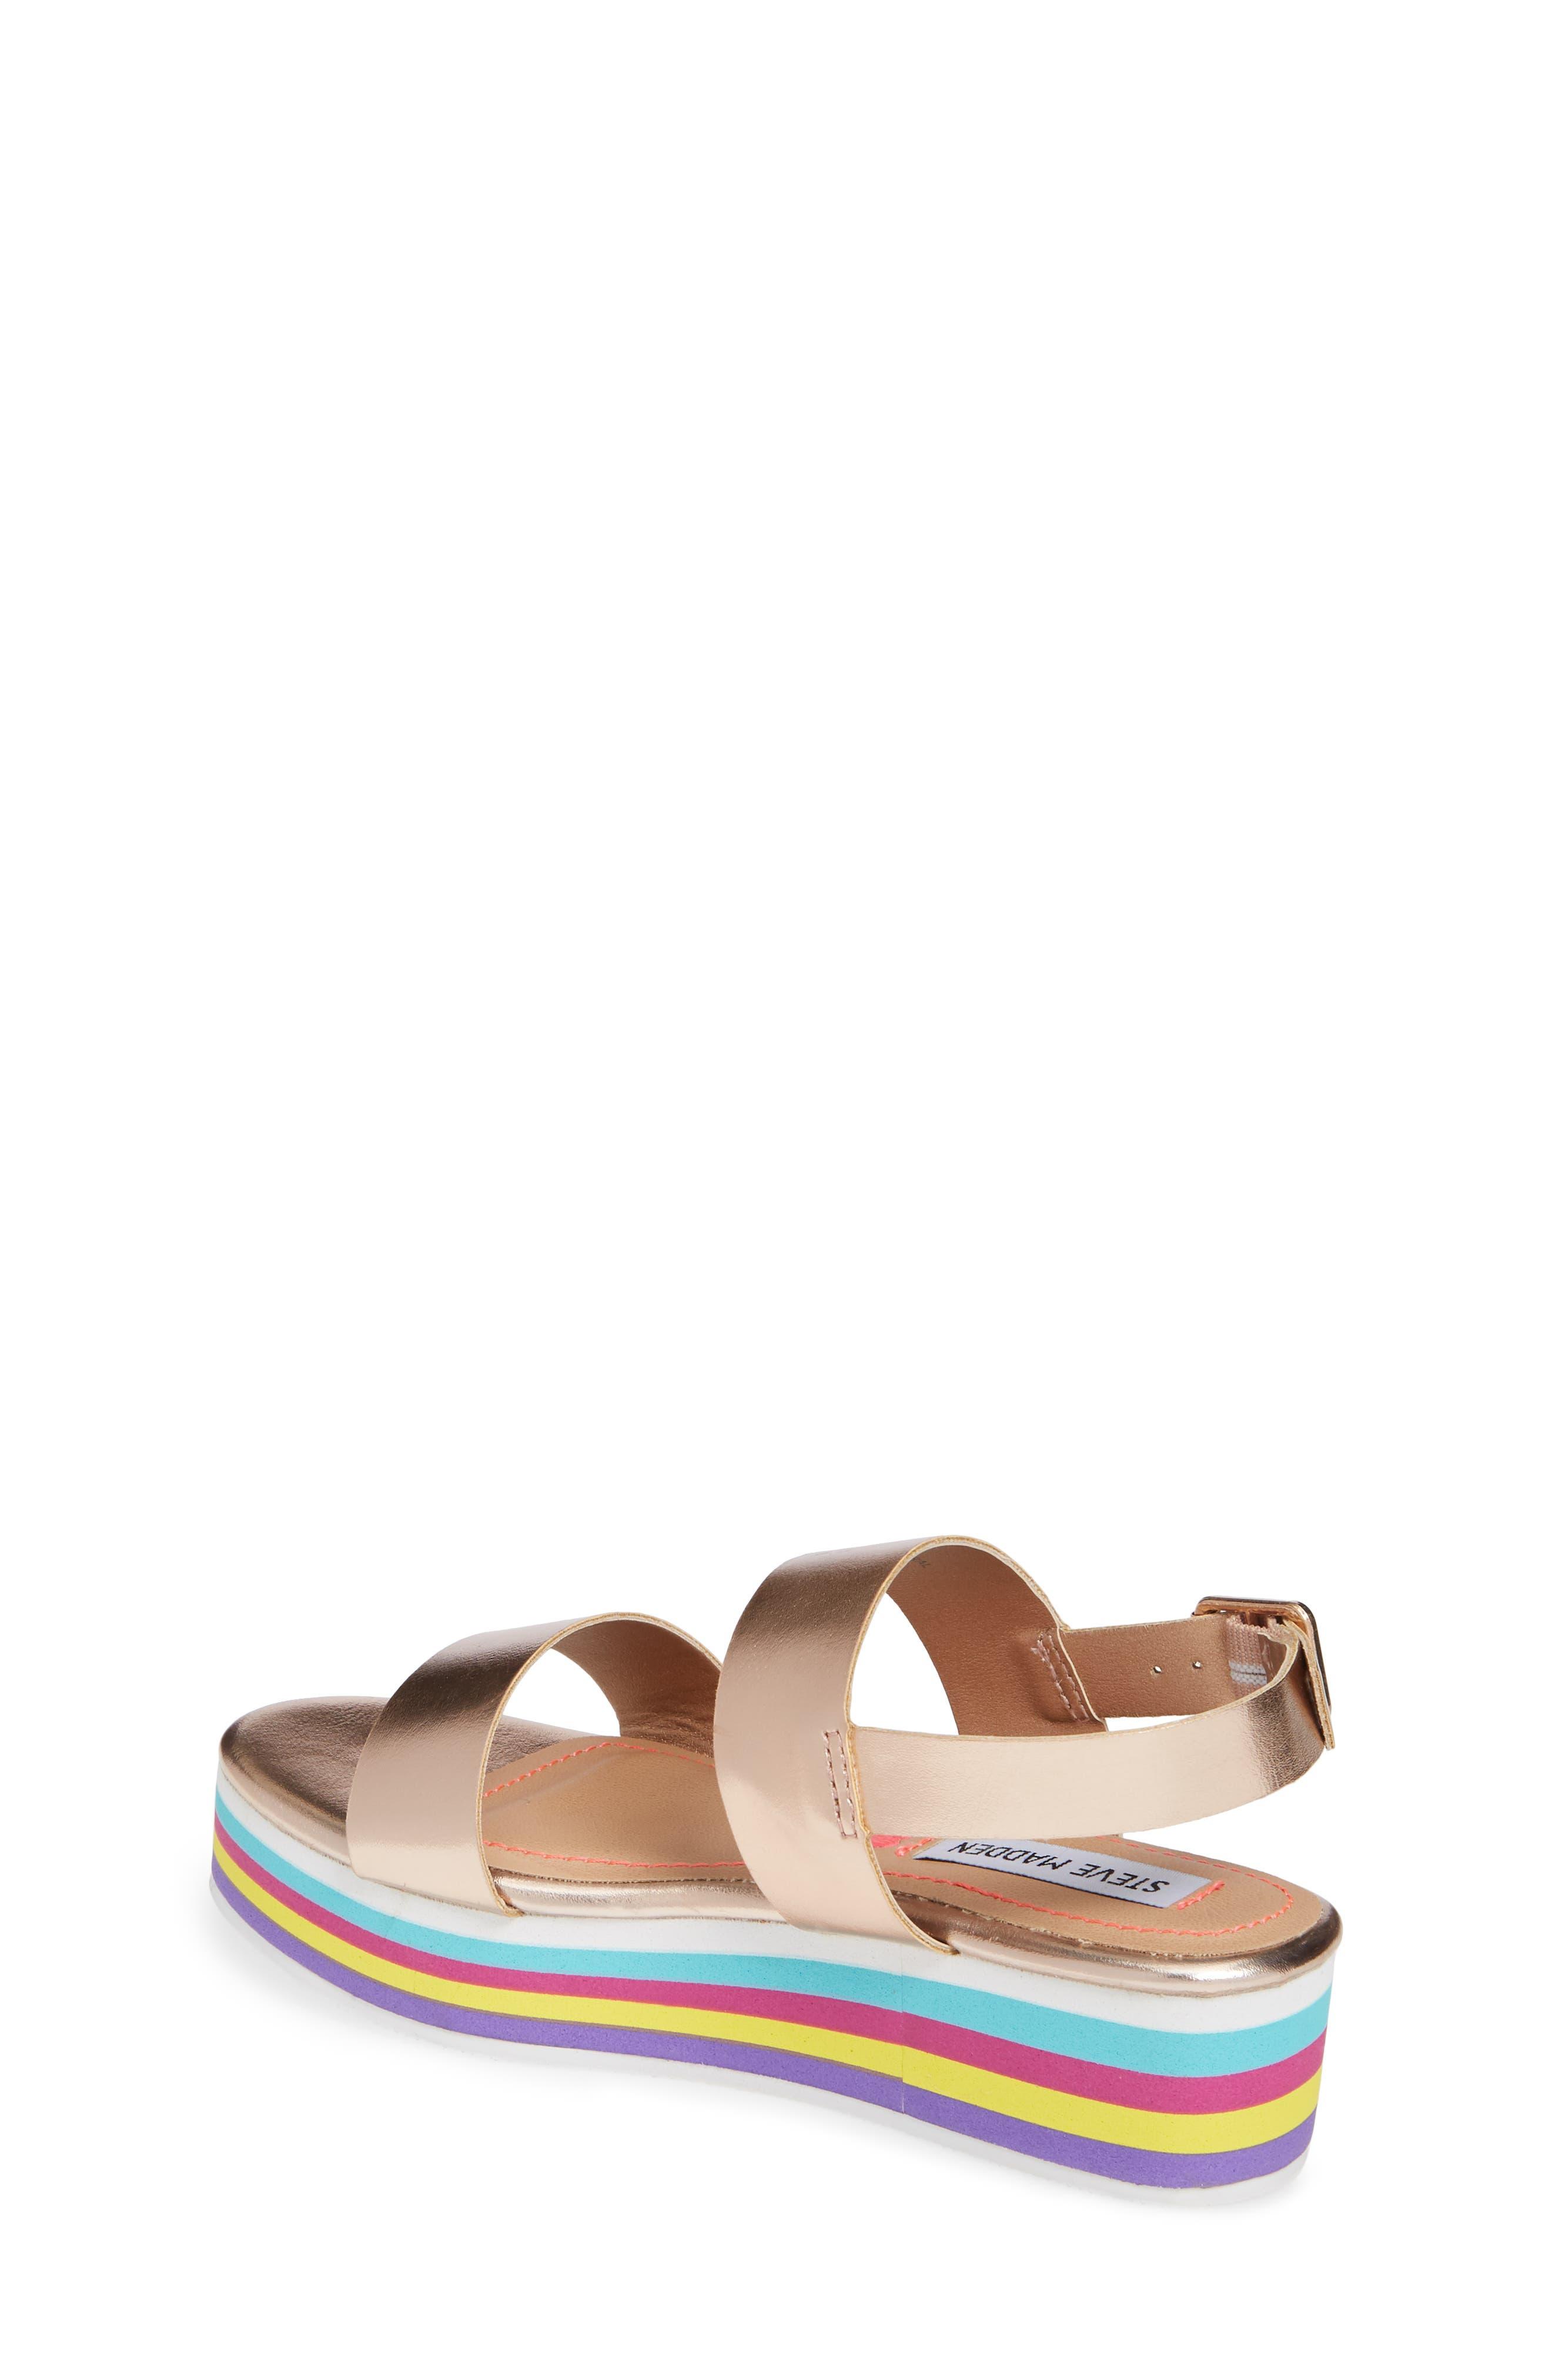 JKylie Platform Sandal,                             Alternate thumbnail 2, color,                             ROSE GOLD